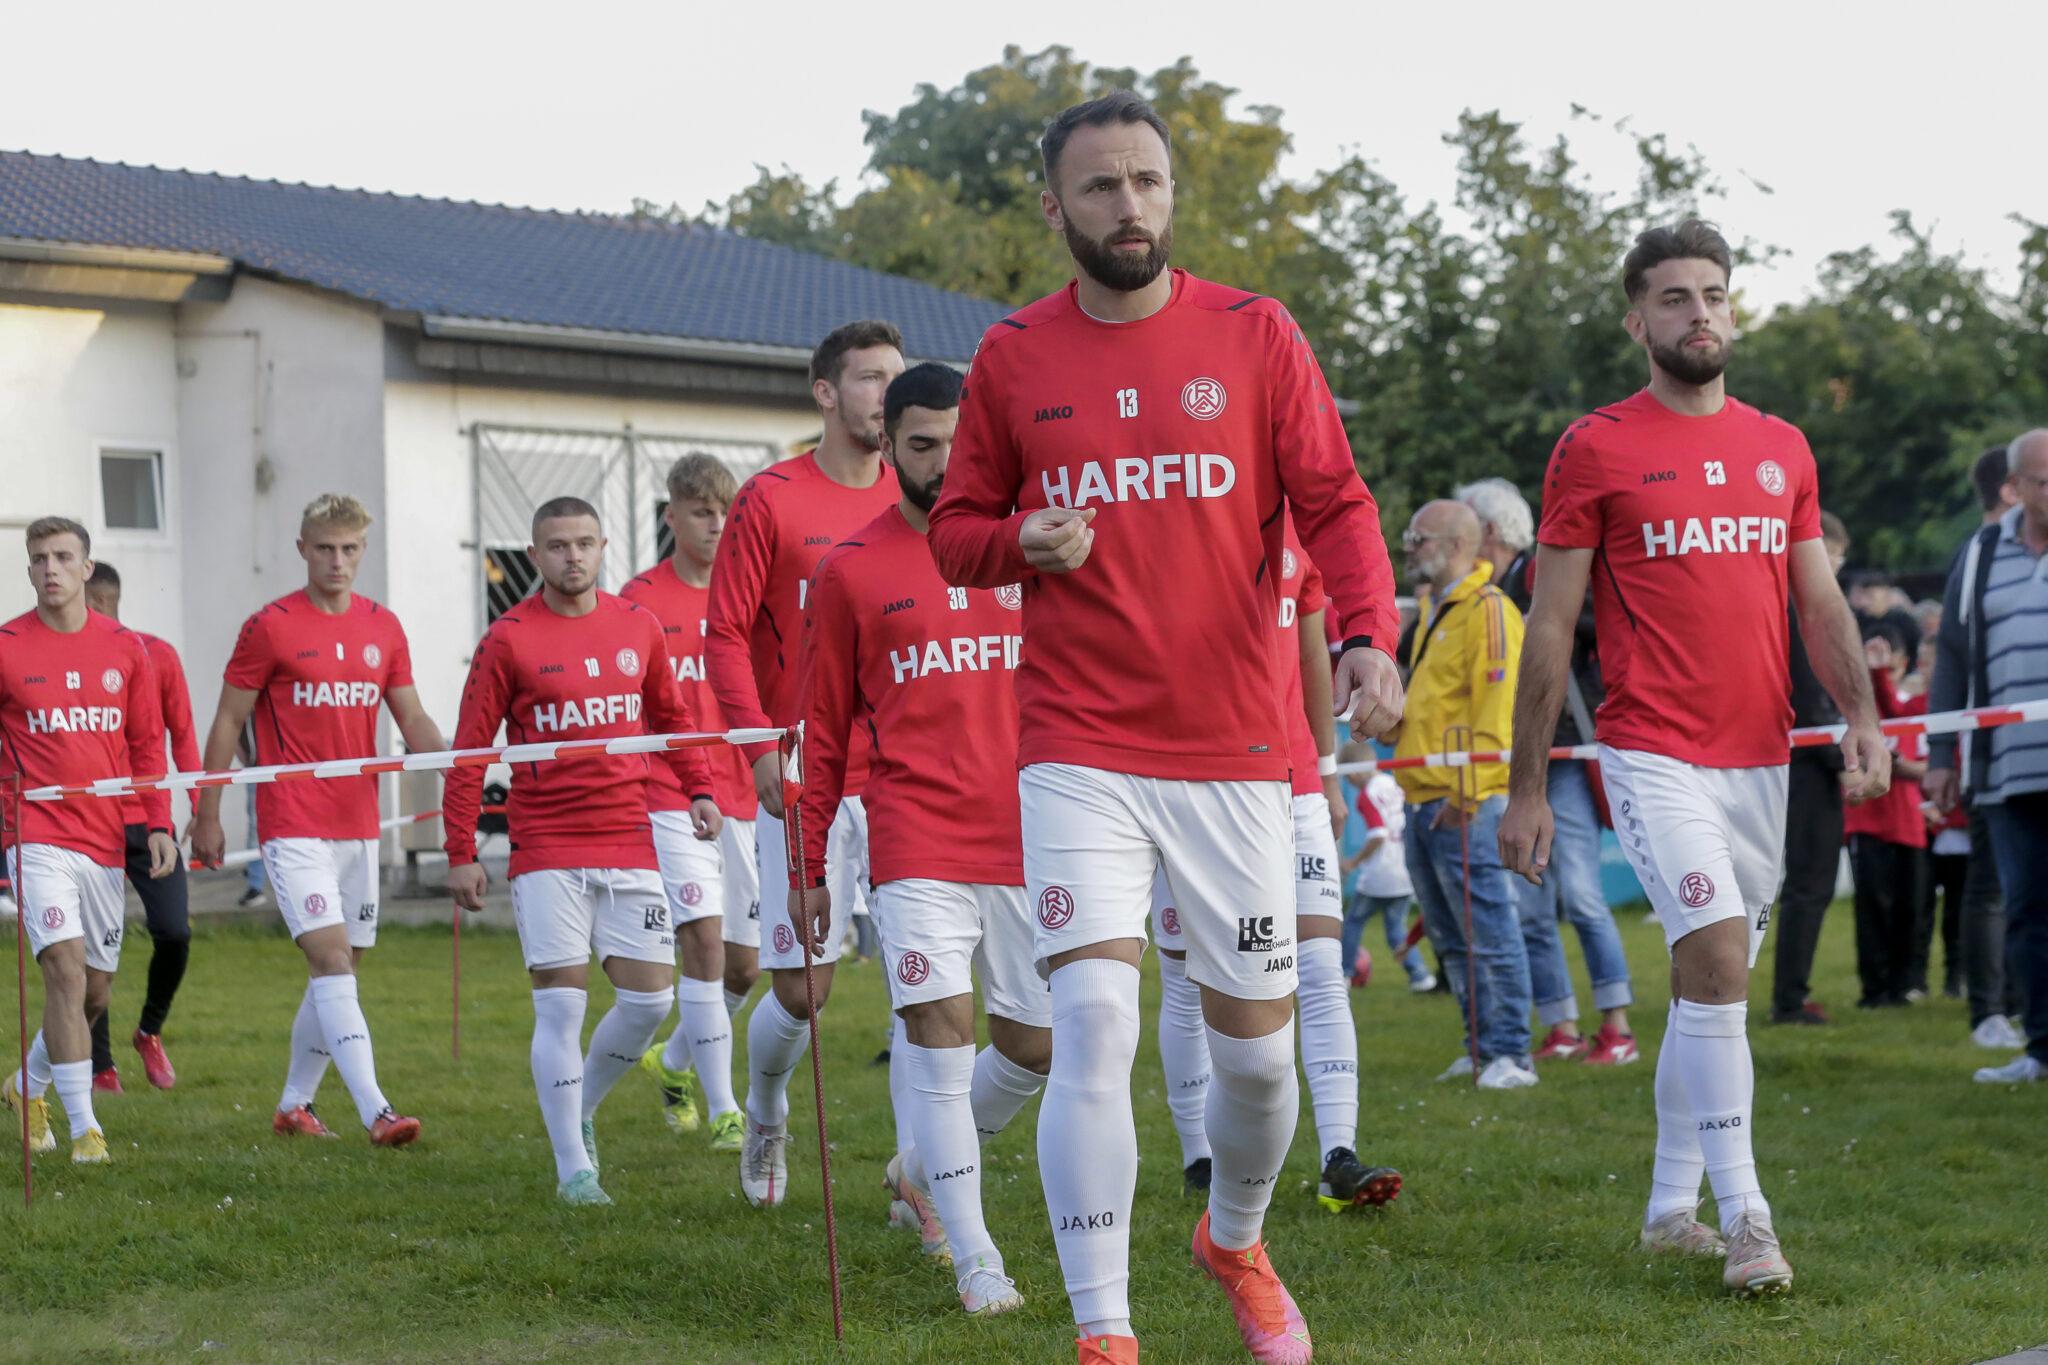 Niederrheinpokal: Zweitrunden-Gegner heißt Sportfreunde Neuwerk – Rot-Weiss Essen